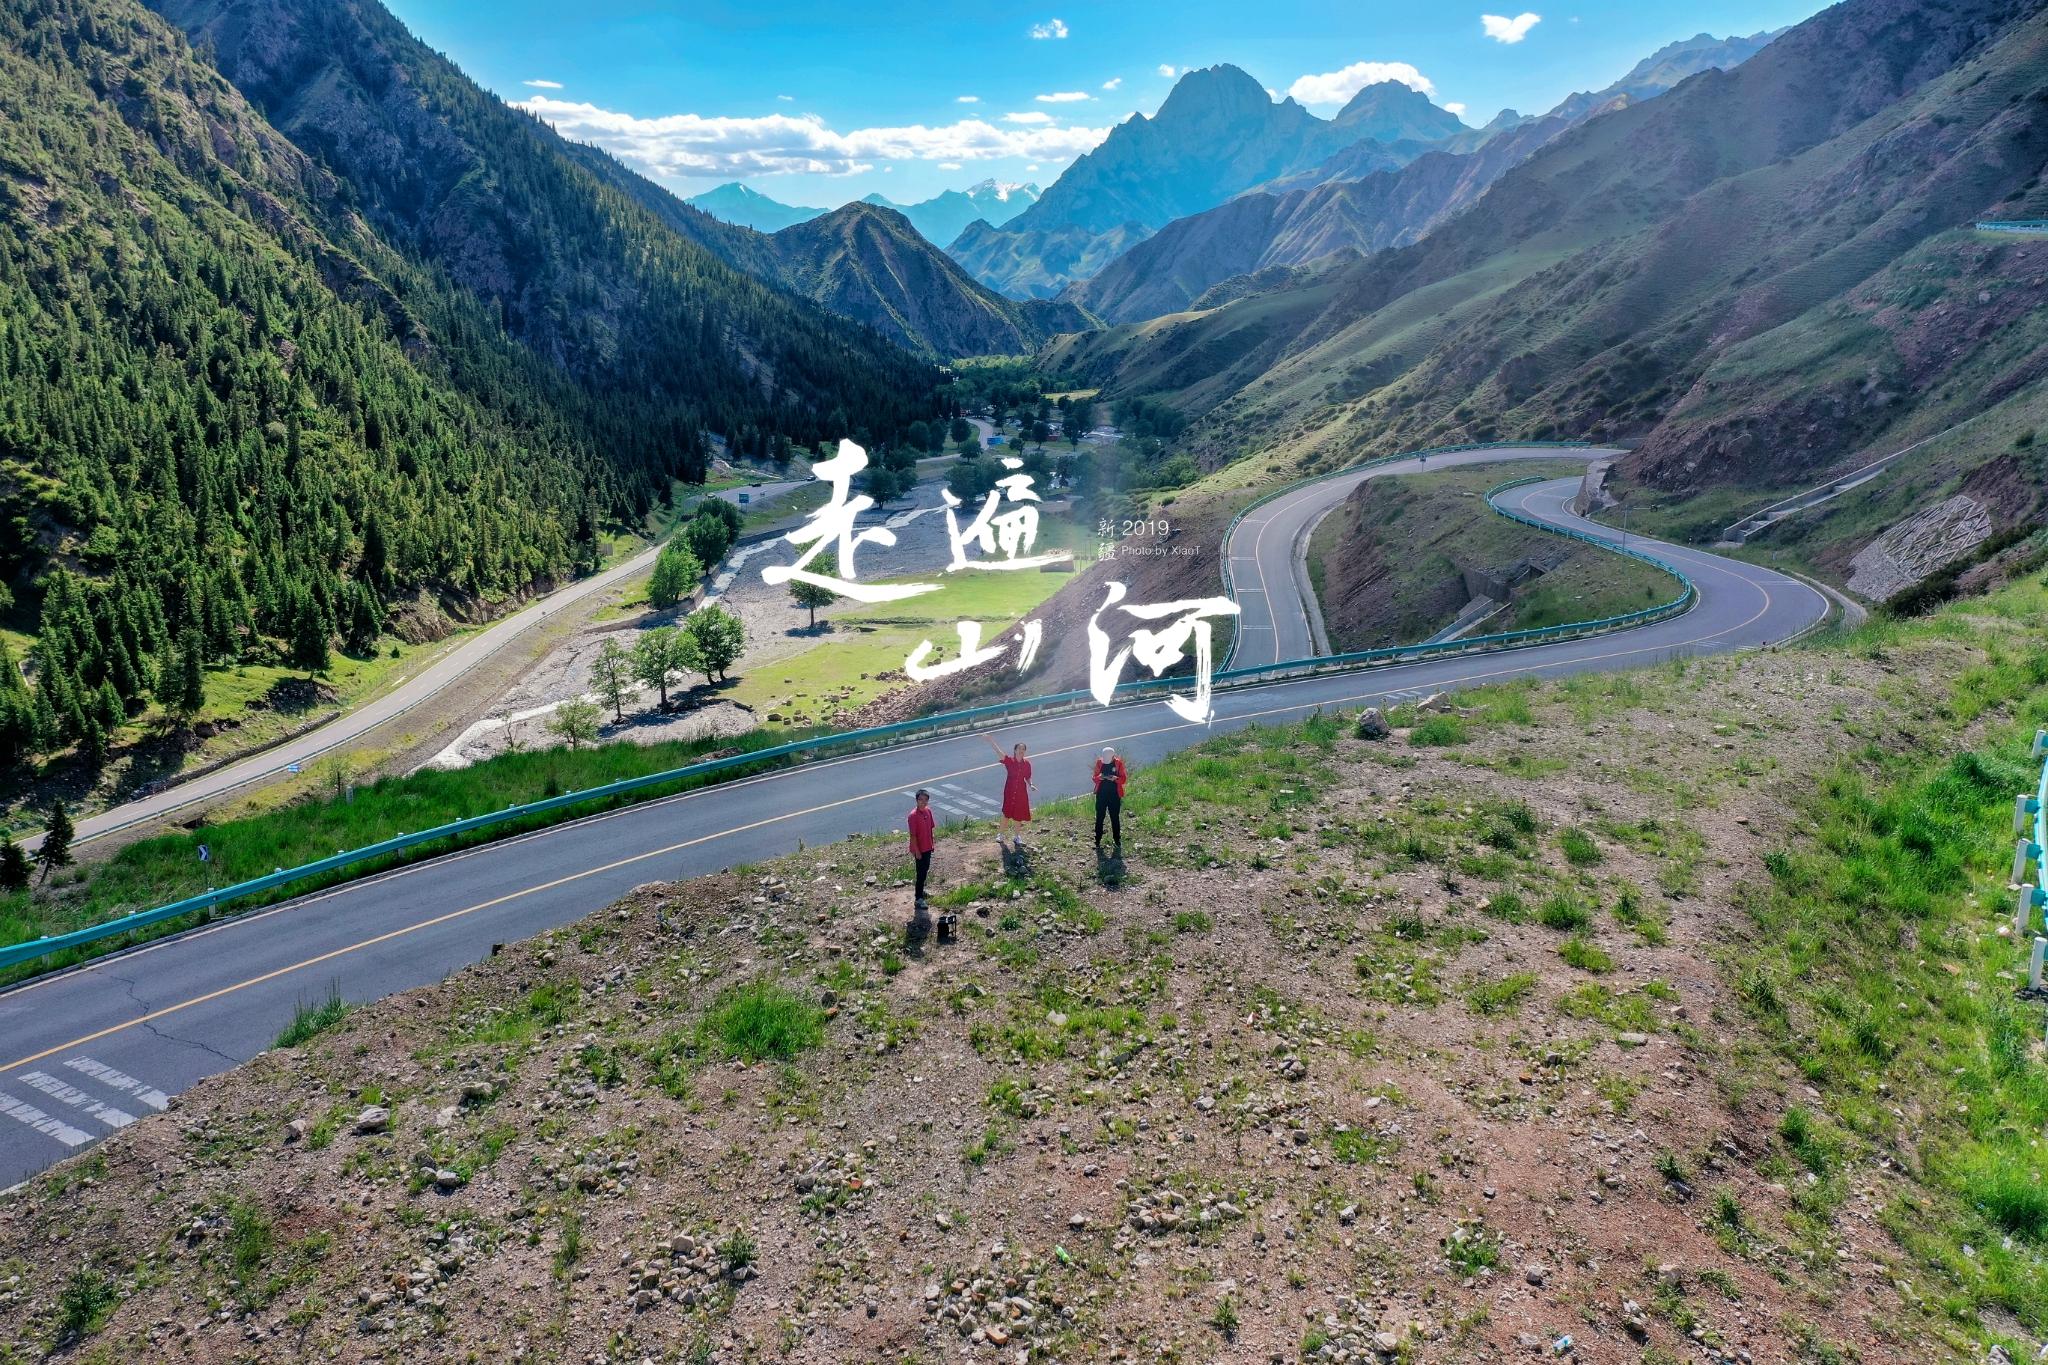 新疆中线七月十日环游日记  没有白走的路,每一步都算数